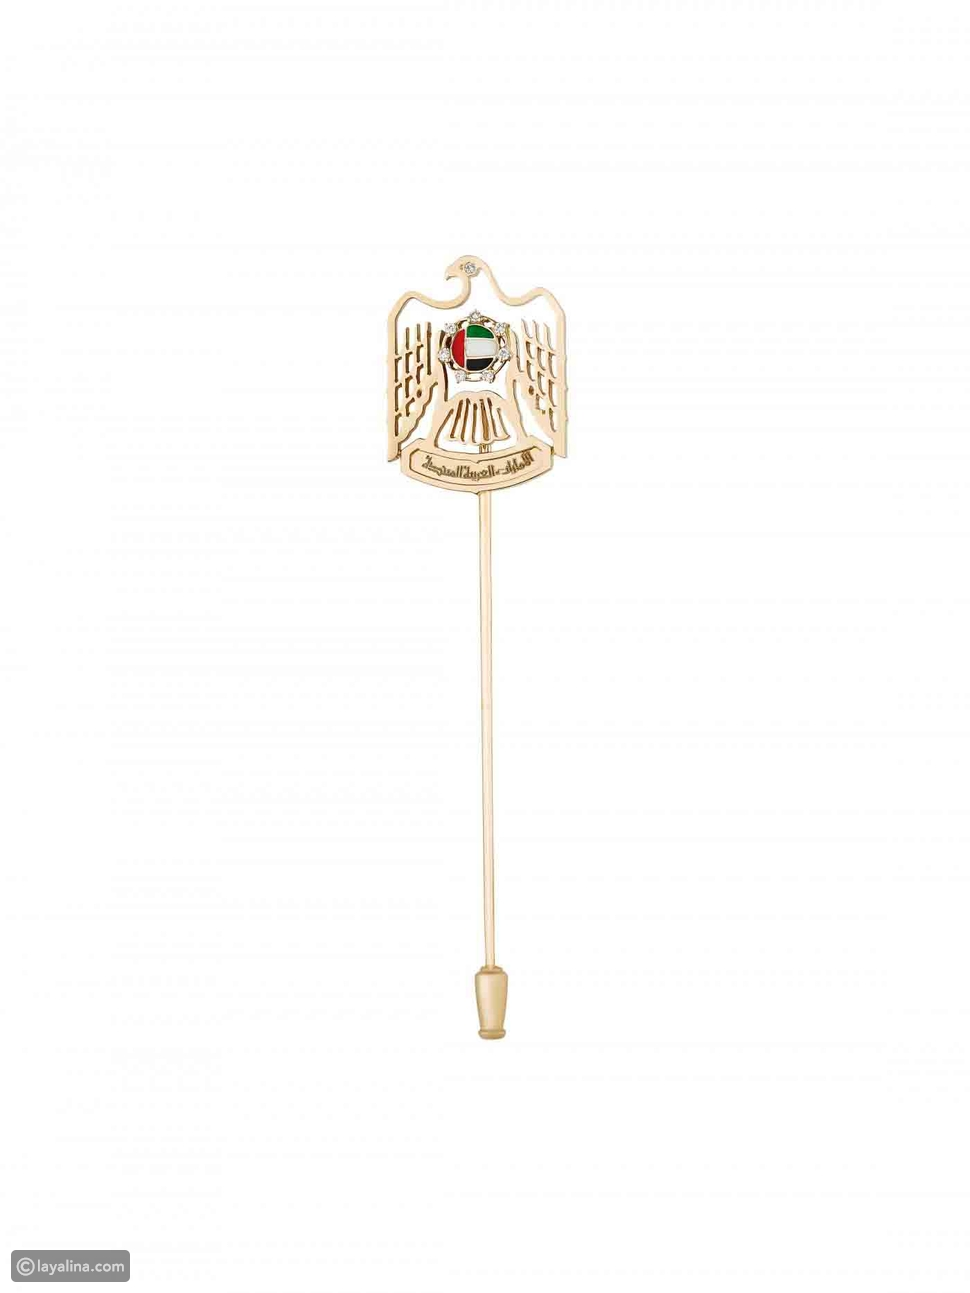 مجوهرات راقية مثالية للاحتفال في اليوم الوطني الإماراتي